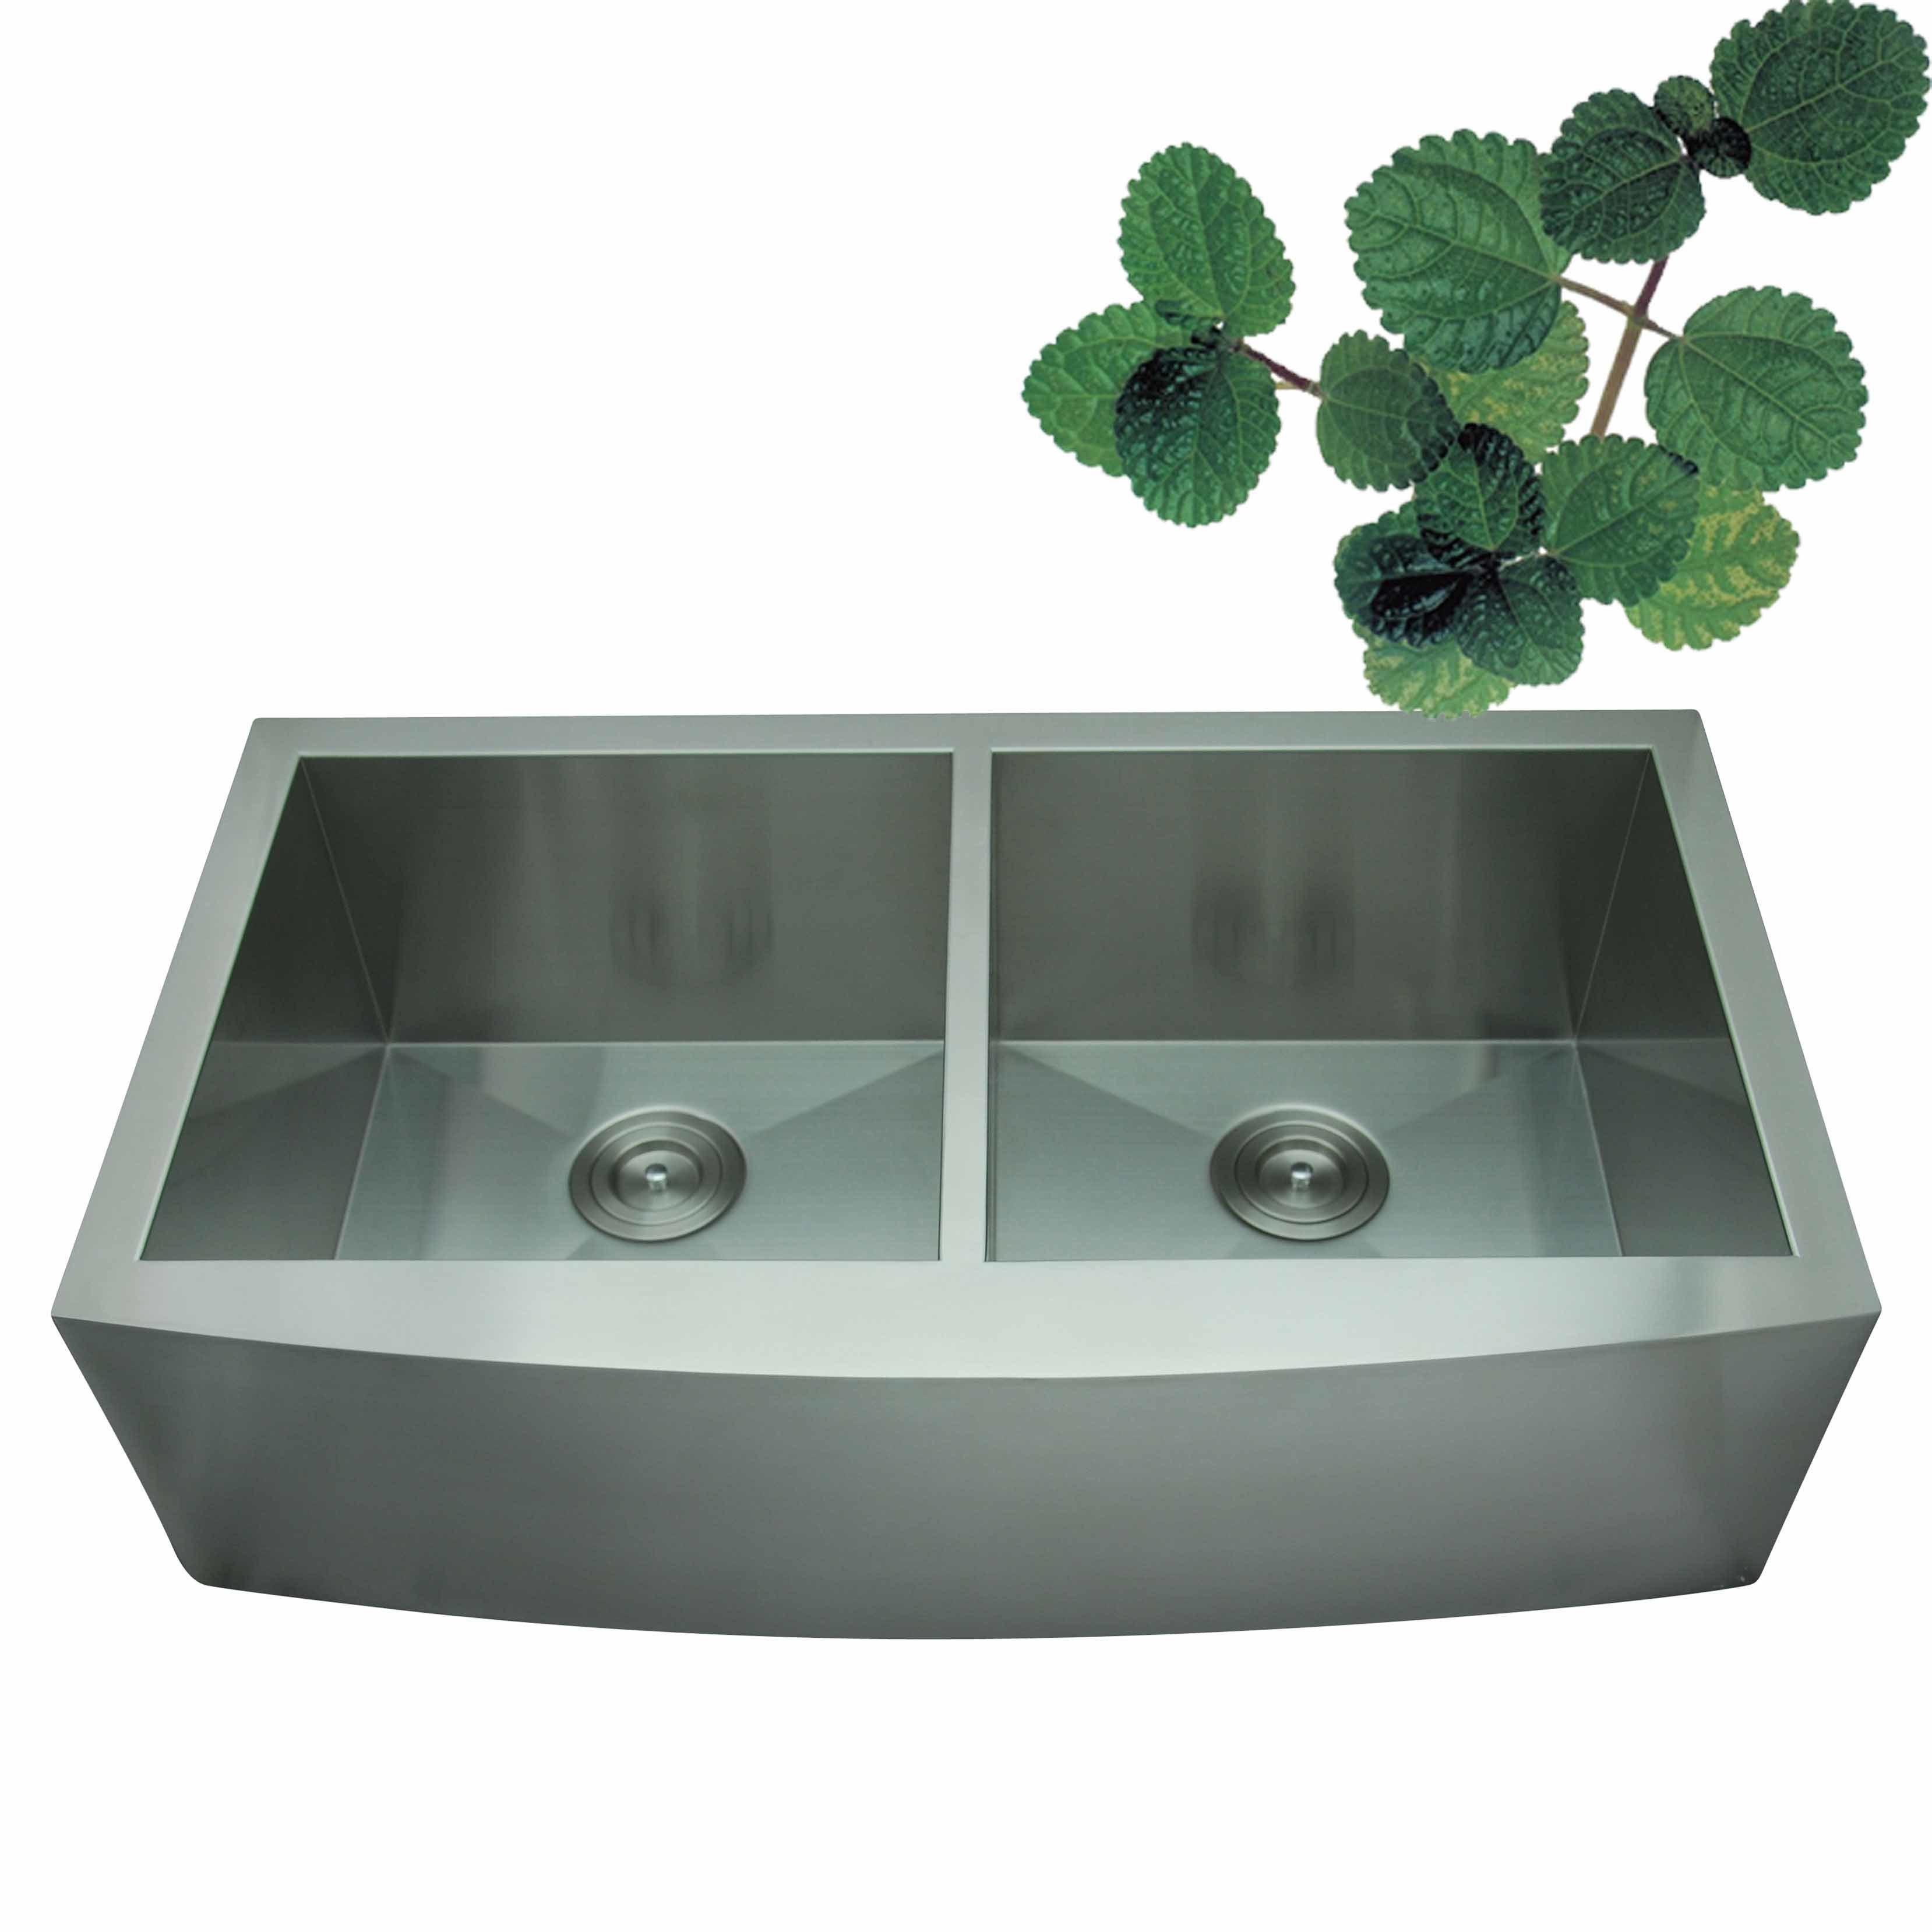 Kitchen With Apron Sink : Apron Sus304 Kitchen Satin Sink (SS-AD-3621H) - China Kitchen Sink ...